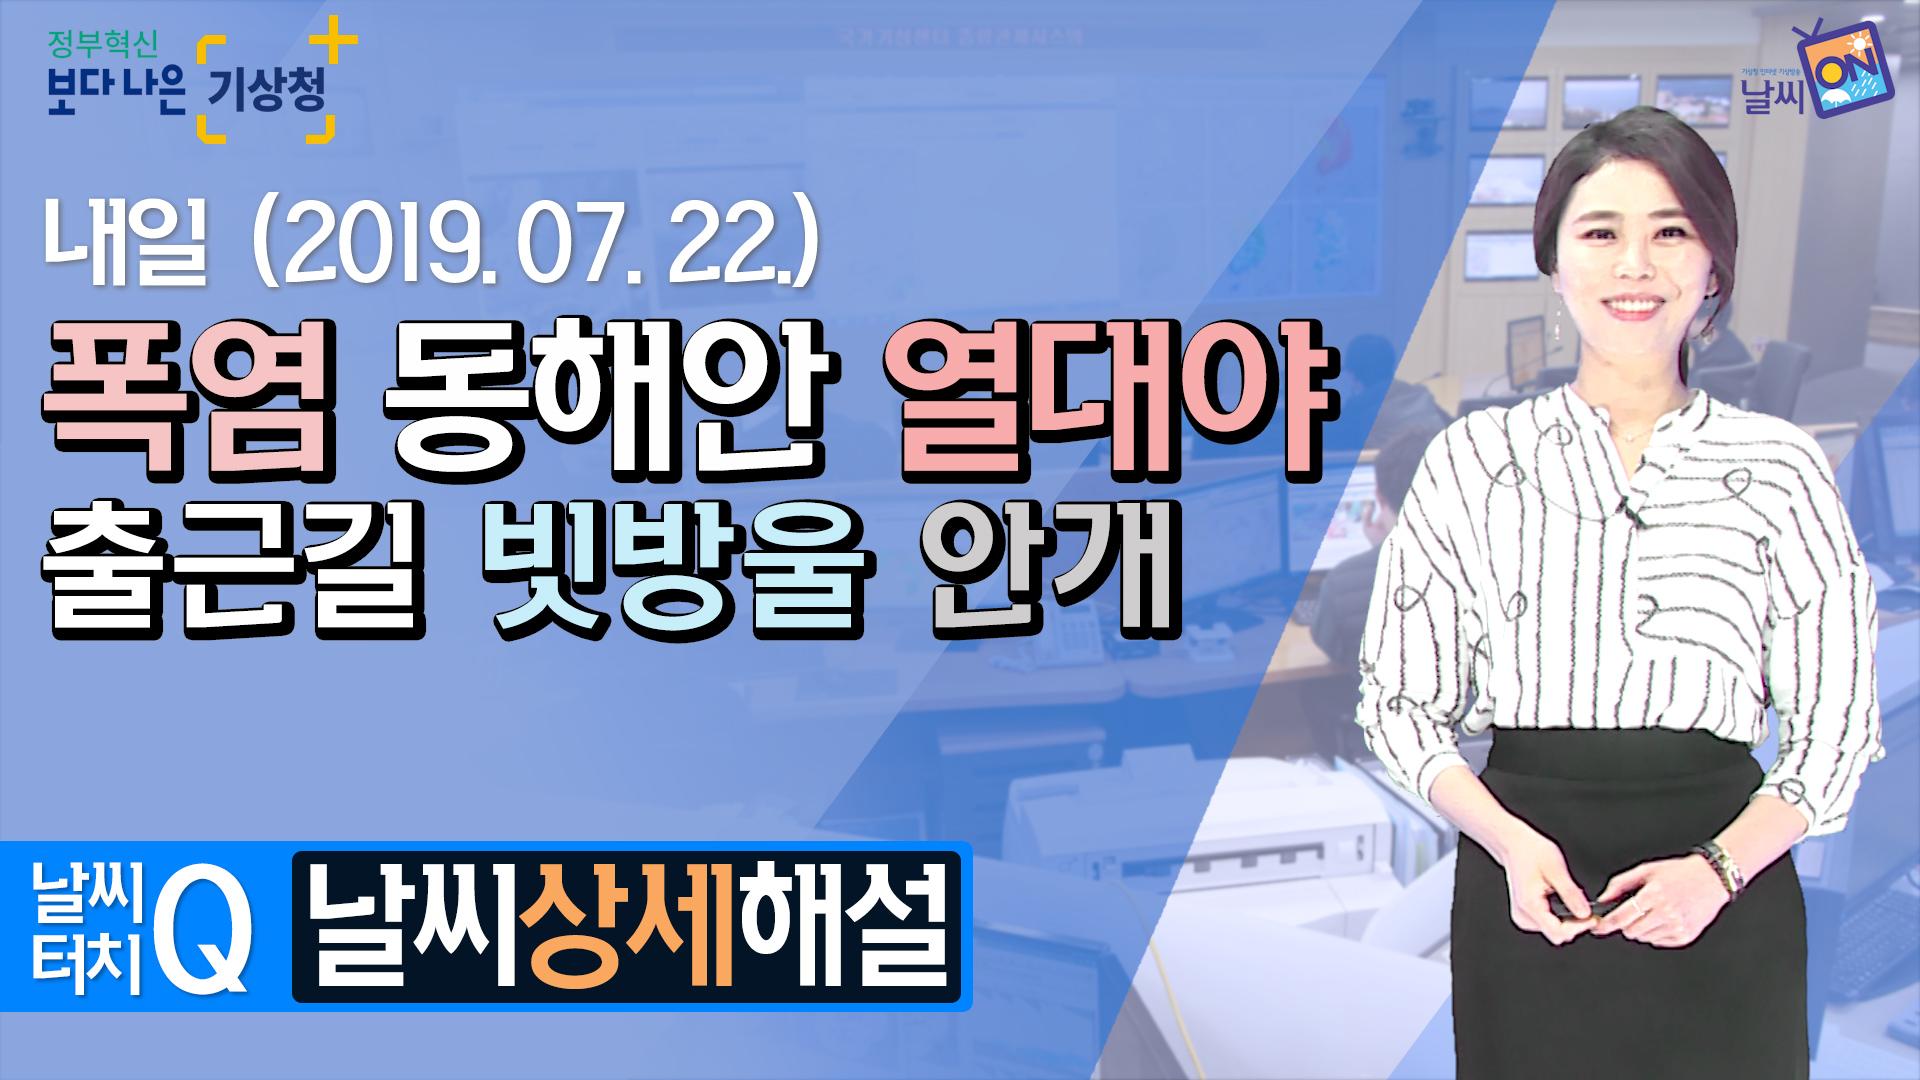 [19시] 7월 22일(월) 폭염 동해안 열대야, 출근길 빗방울 안개